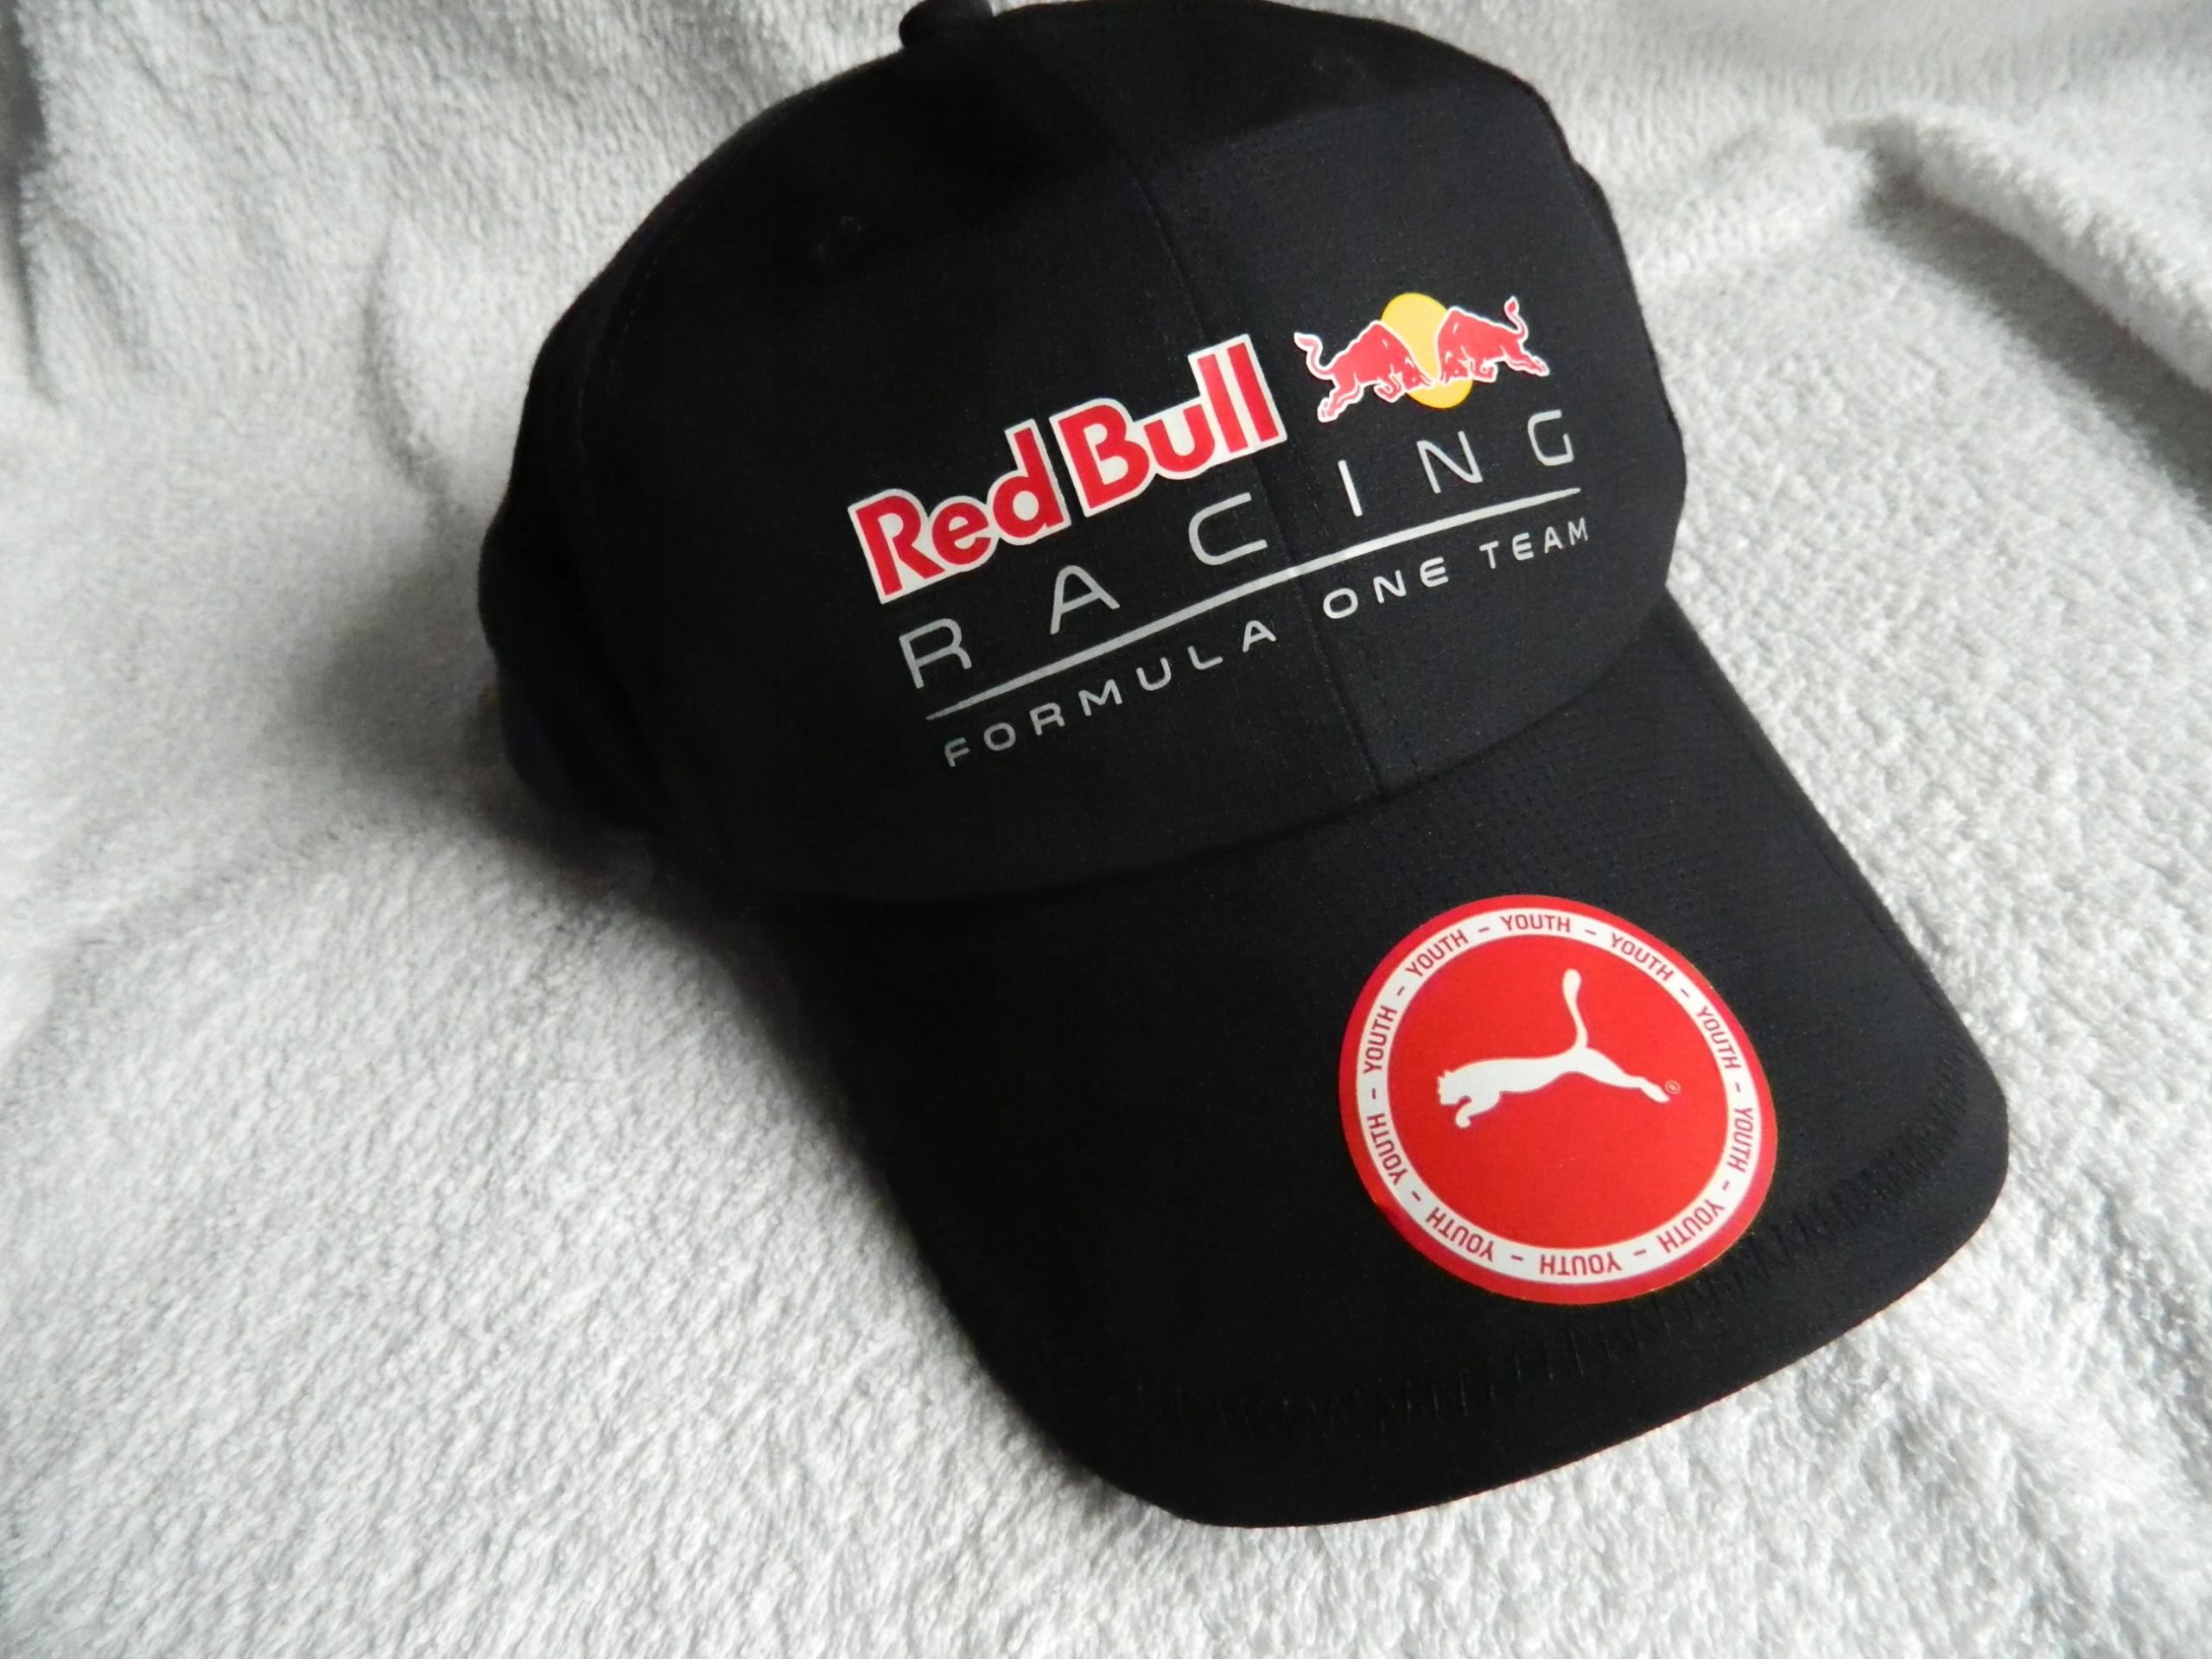 4b5e19910 F1 RED BULL RACING PUMA Formuła czapka z daszkiem - 7863146967 ...